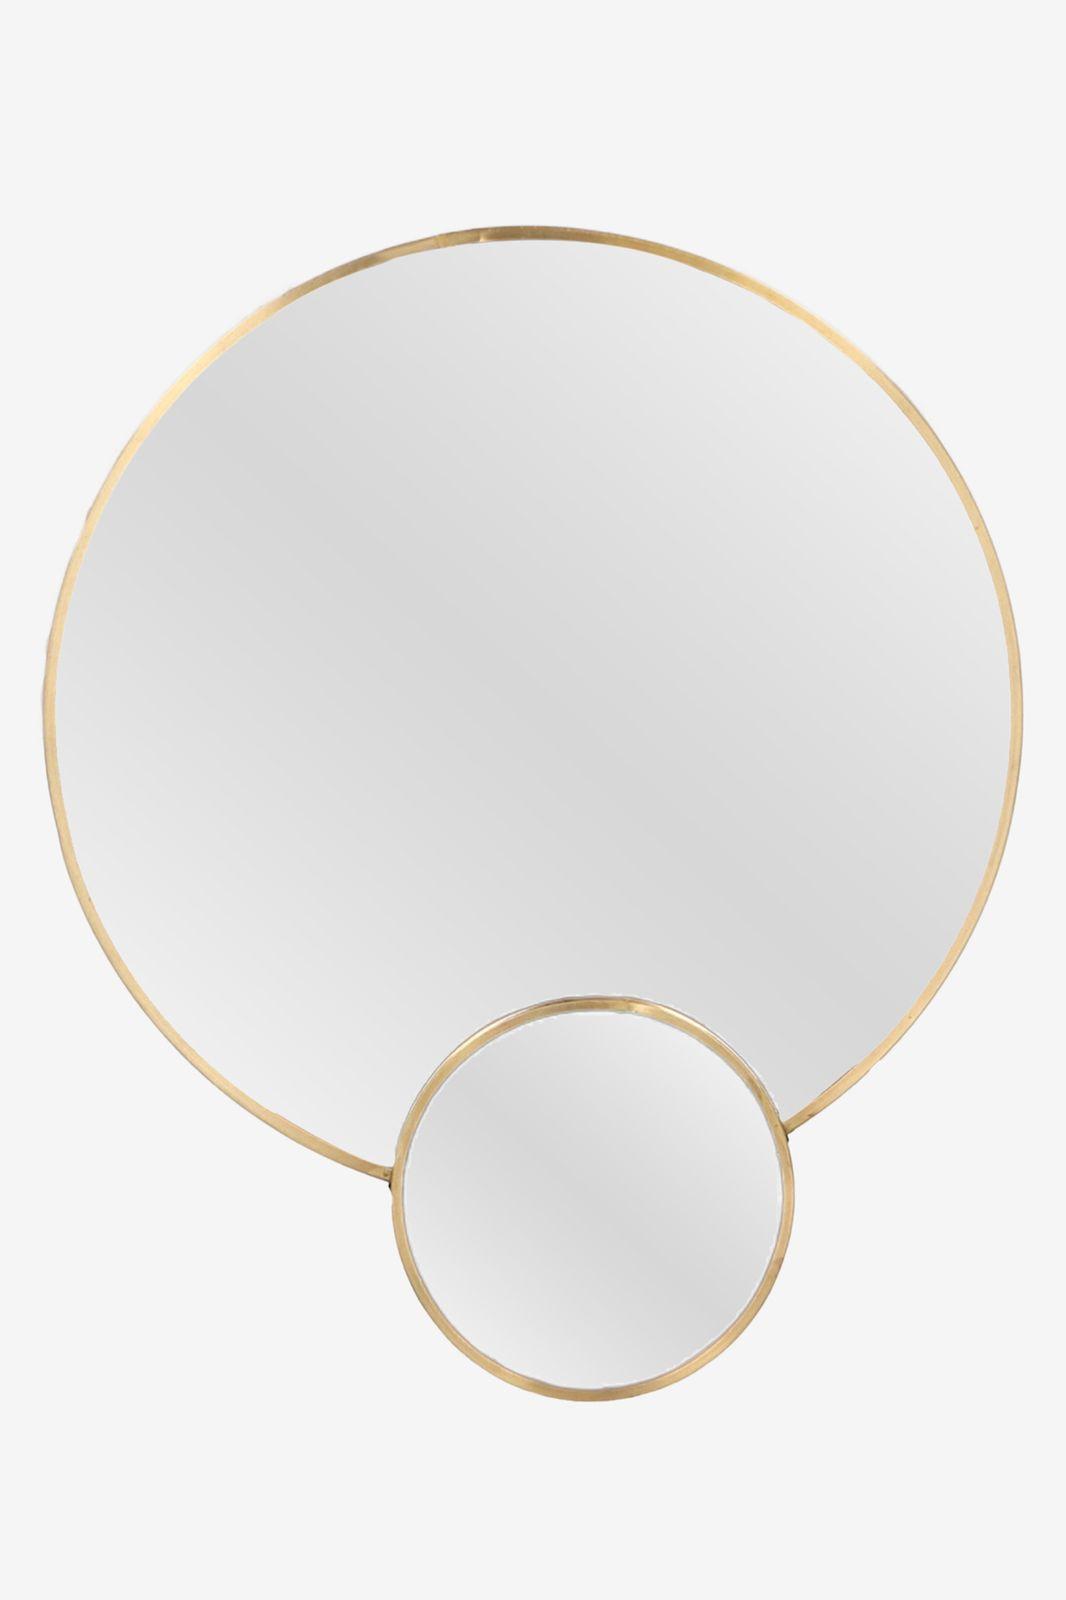 Hangspiegel goud